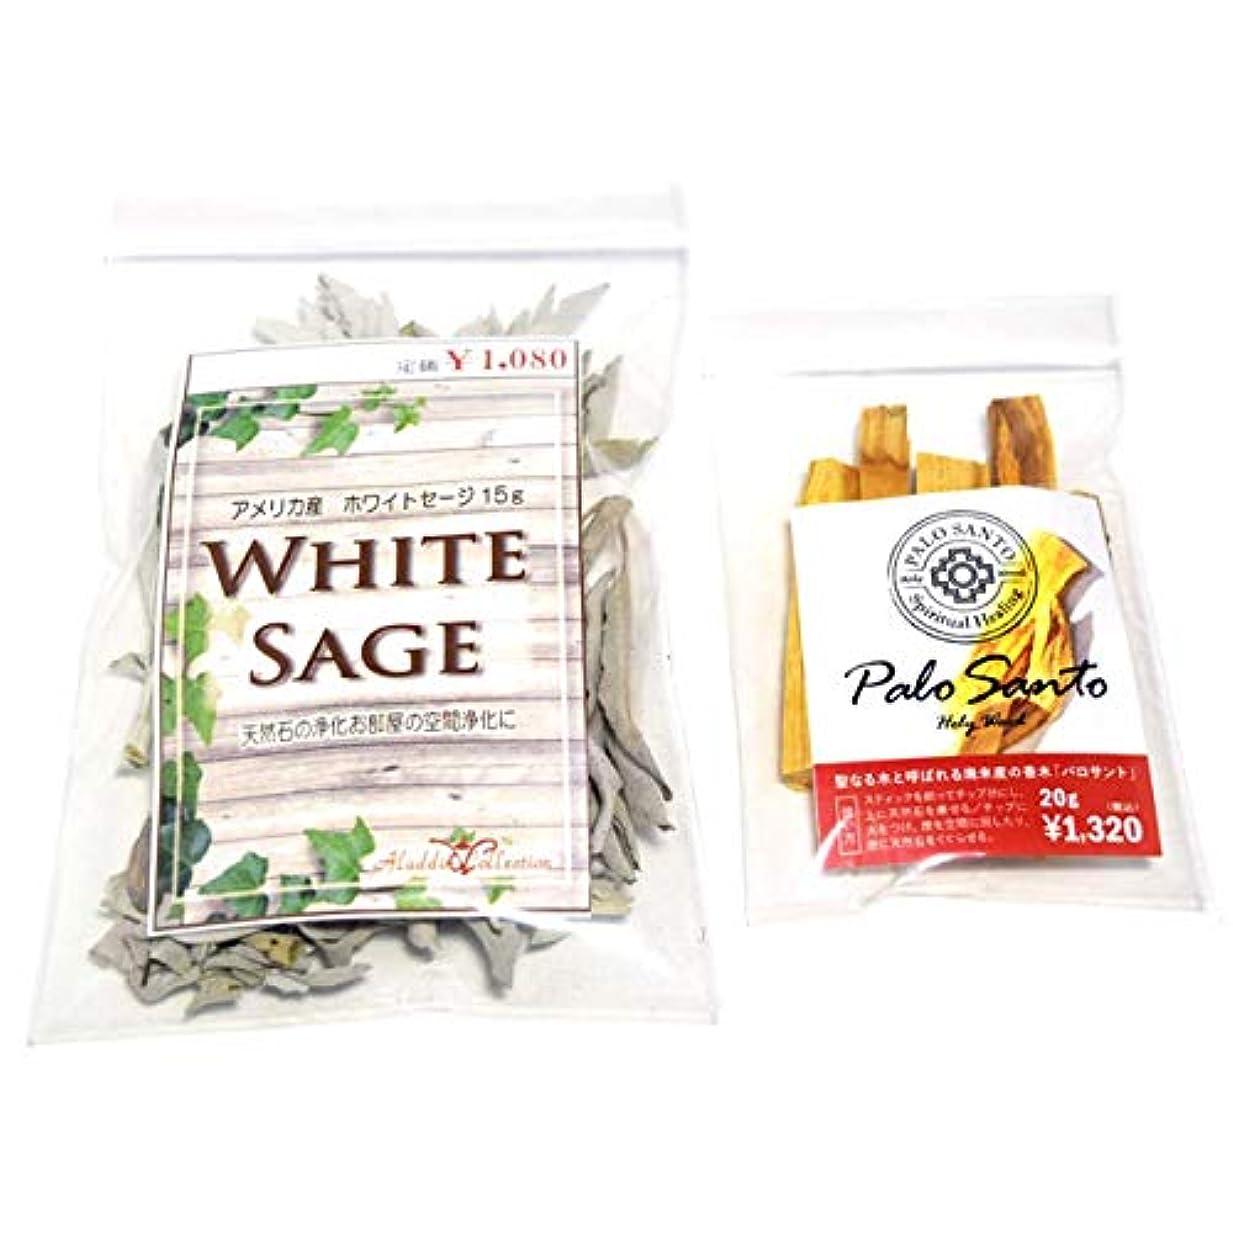 モート学習者潜在的なホワイトセージ15g パロサント20g セット 浄化 お香 インセンス